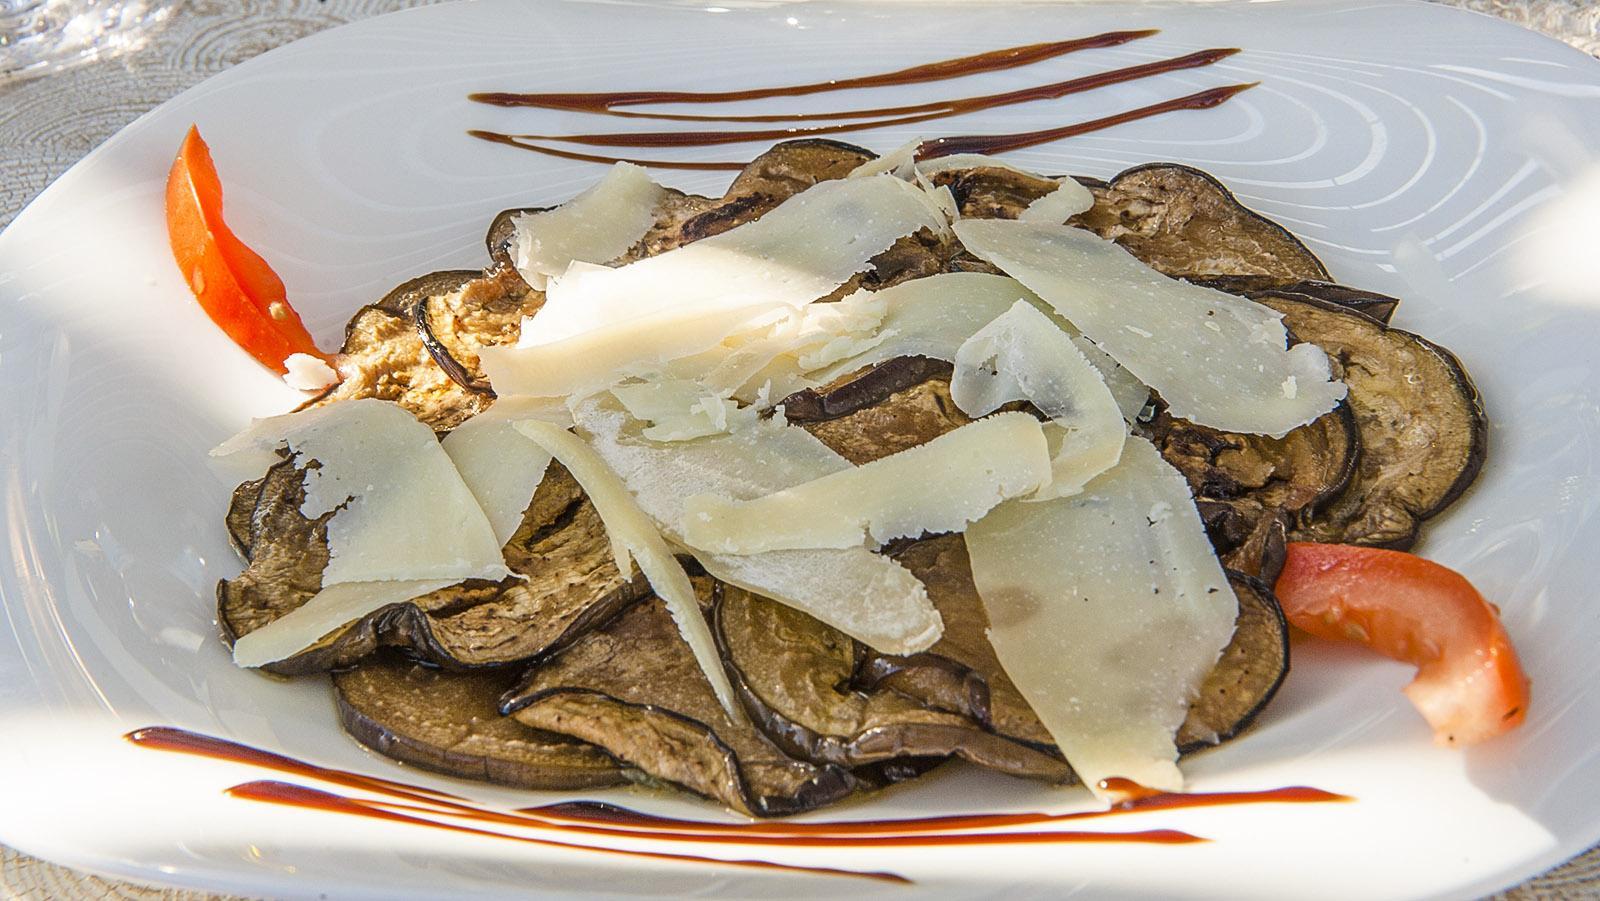 Sant'Antonino: Gegrillte Auberginen mit Parmesan, eine Vorspeise im Restaurant La Voûte. Foto: Hilke Maunder